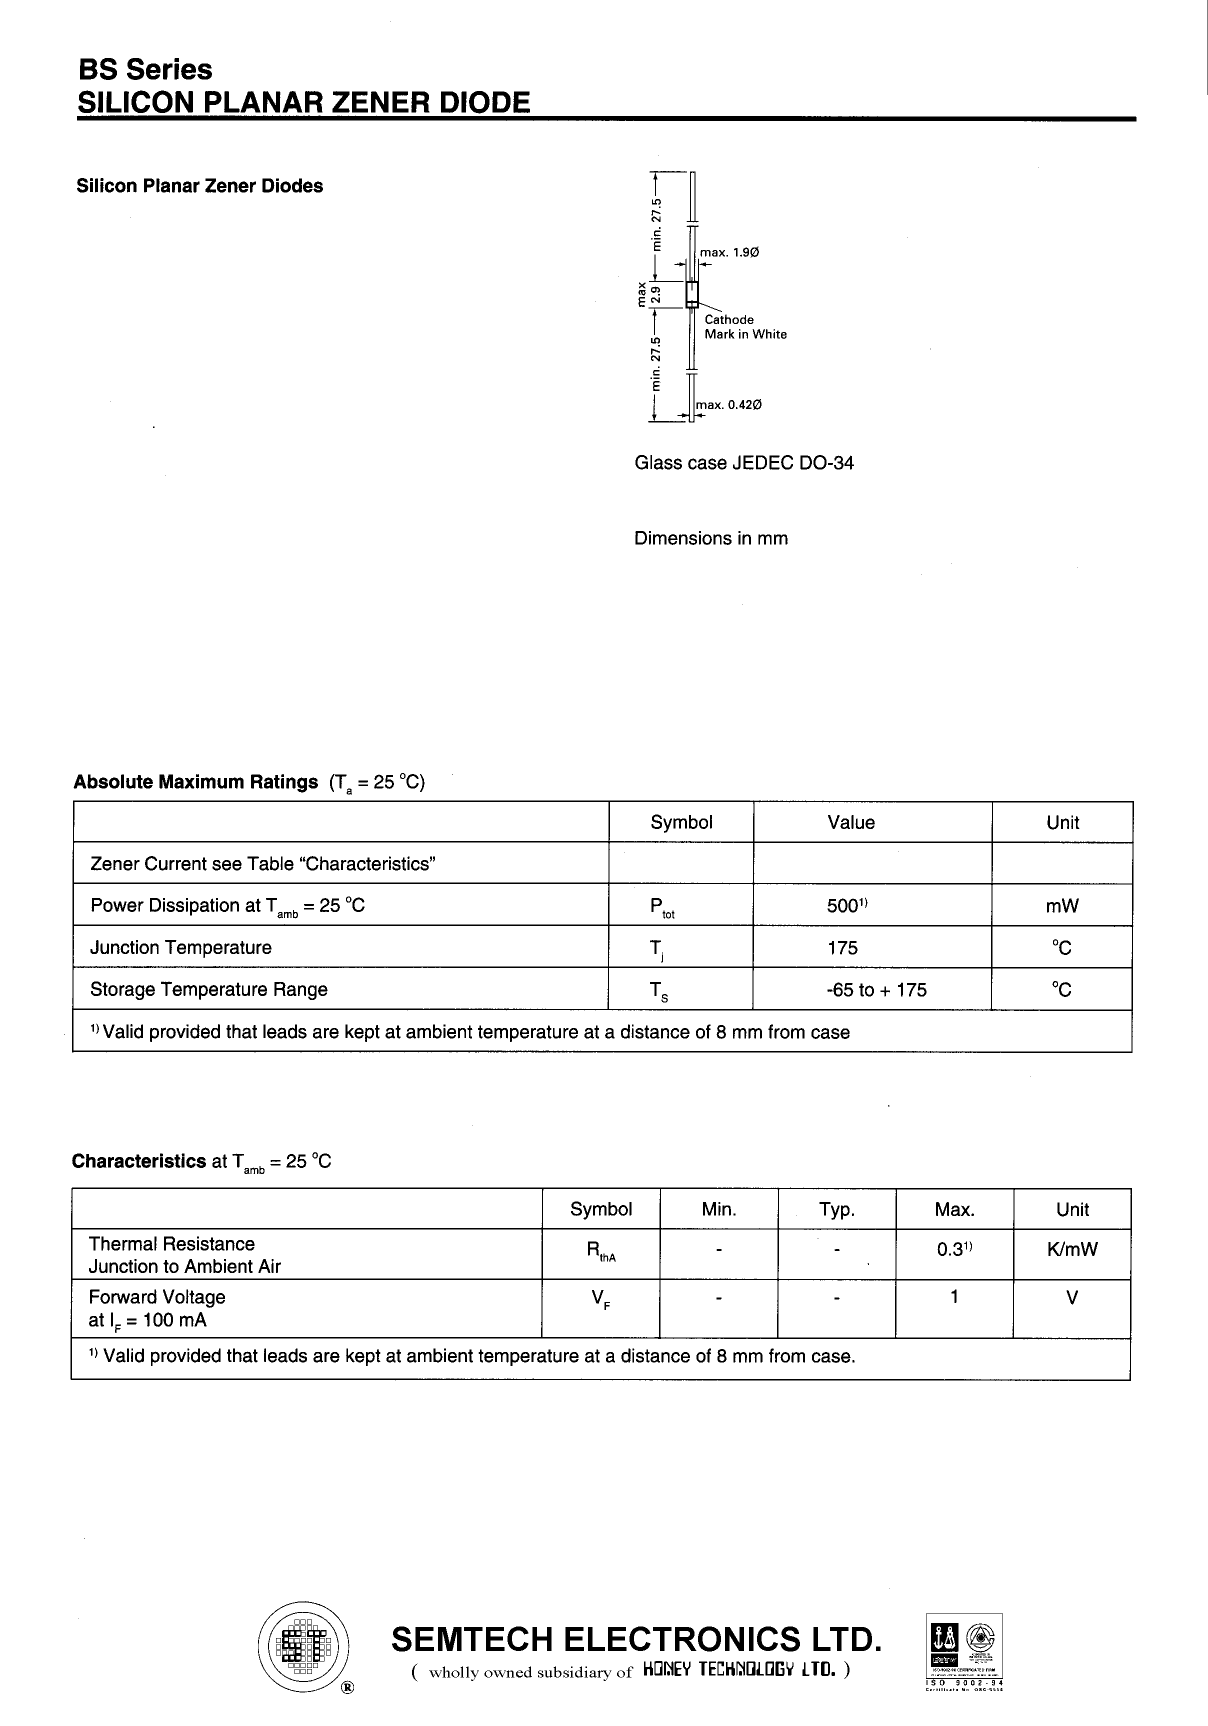 8.2BSC datasheet